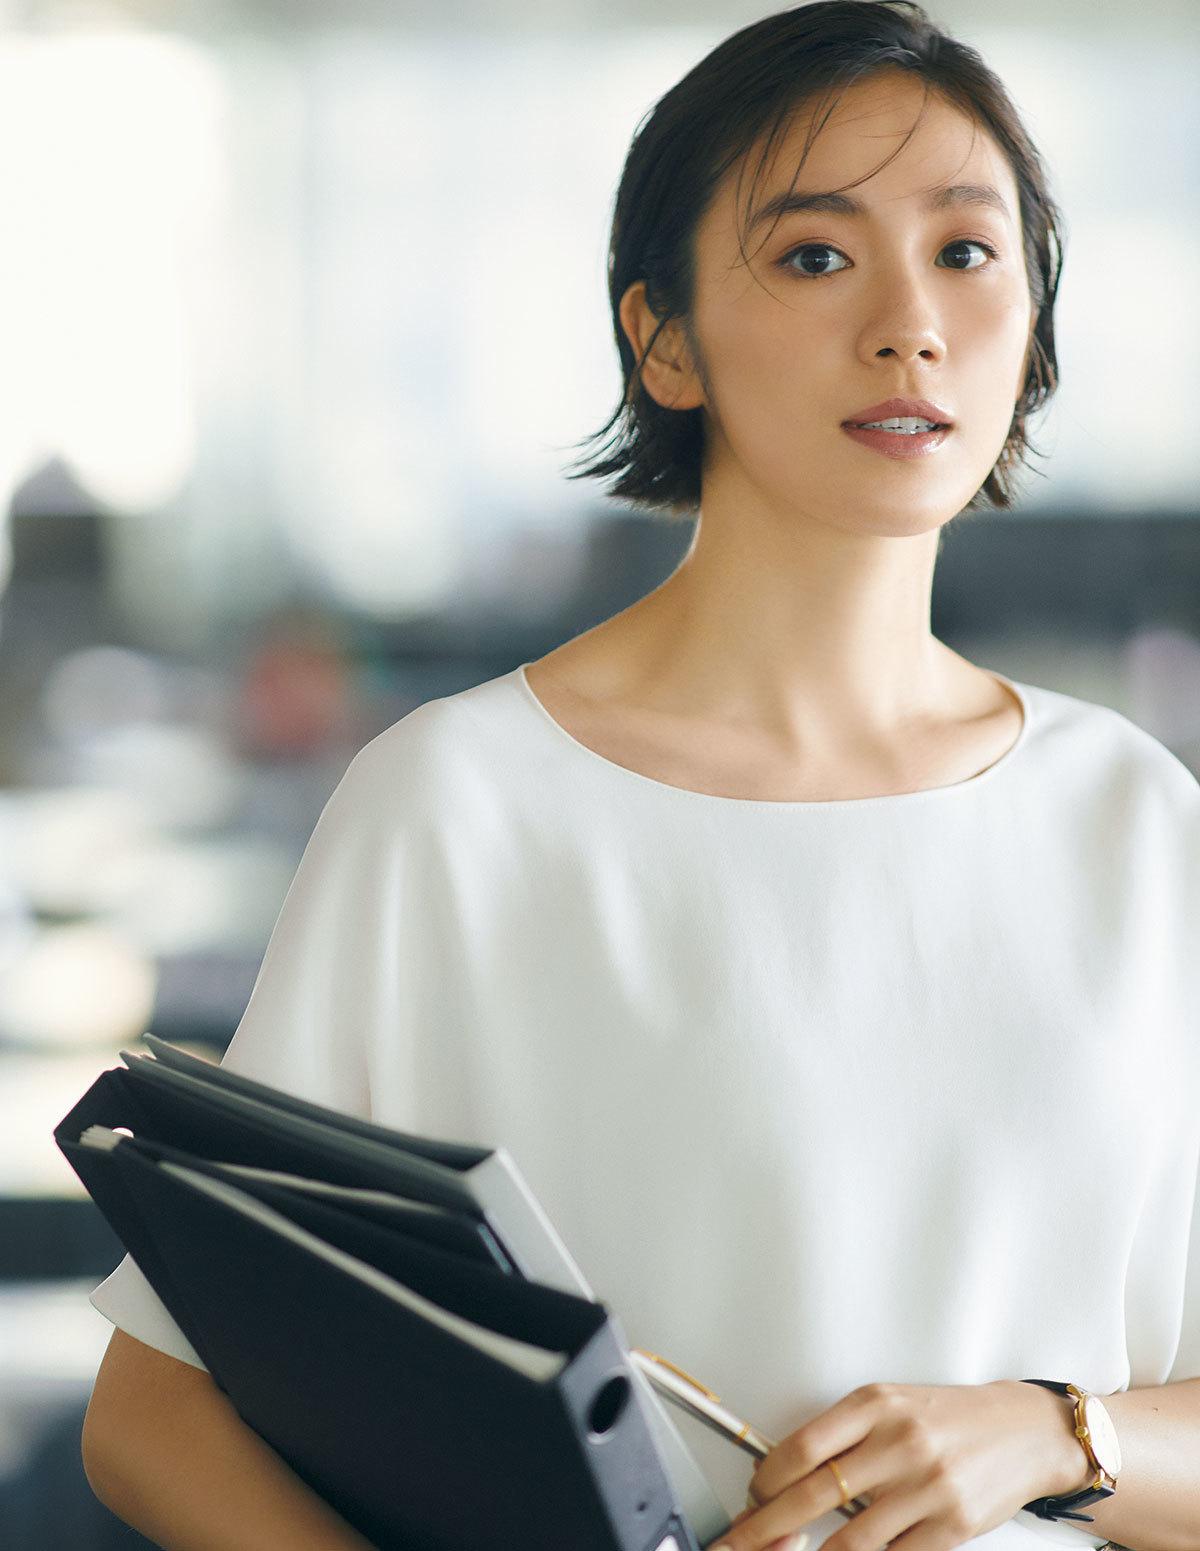 白いトップスを着たモデルの竹内友梨さん